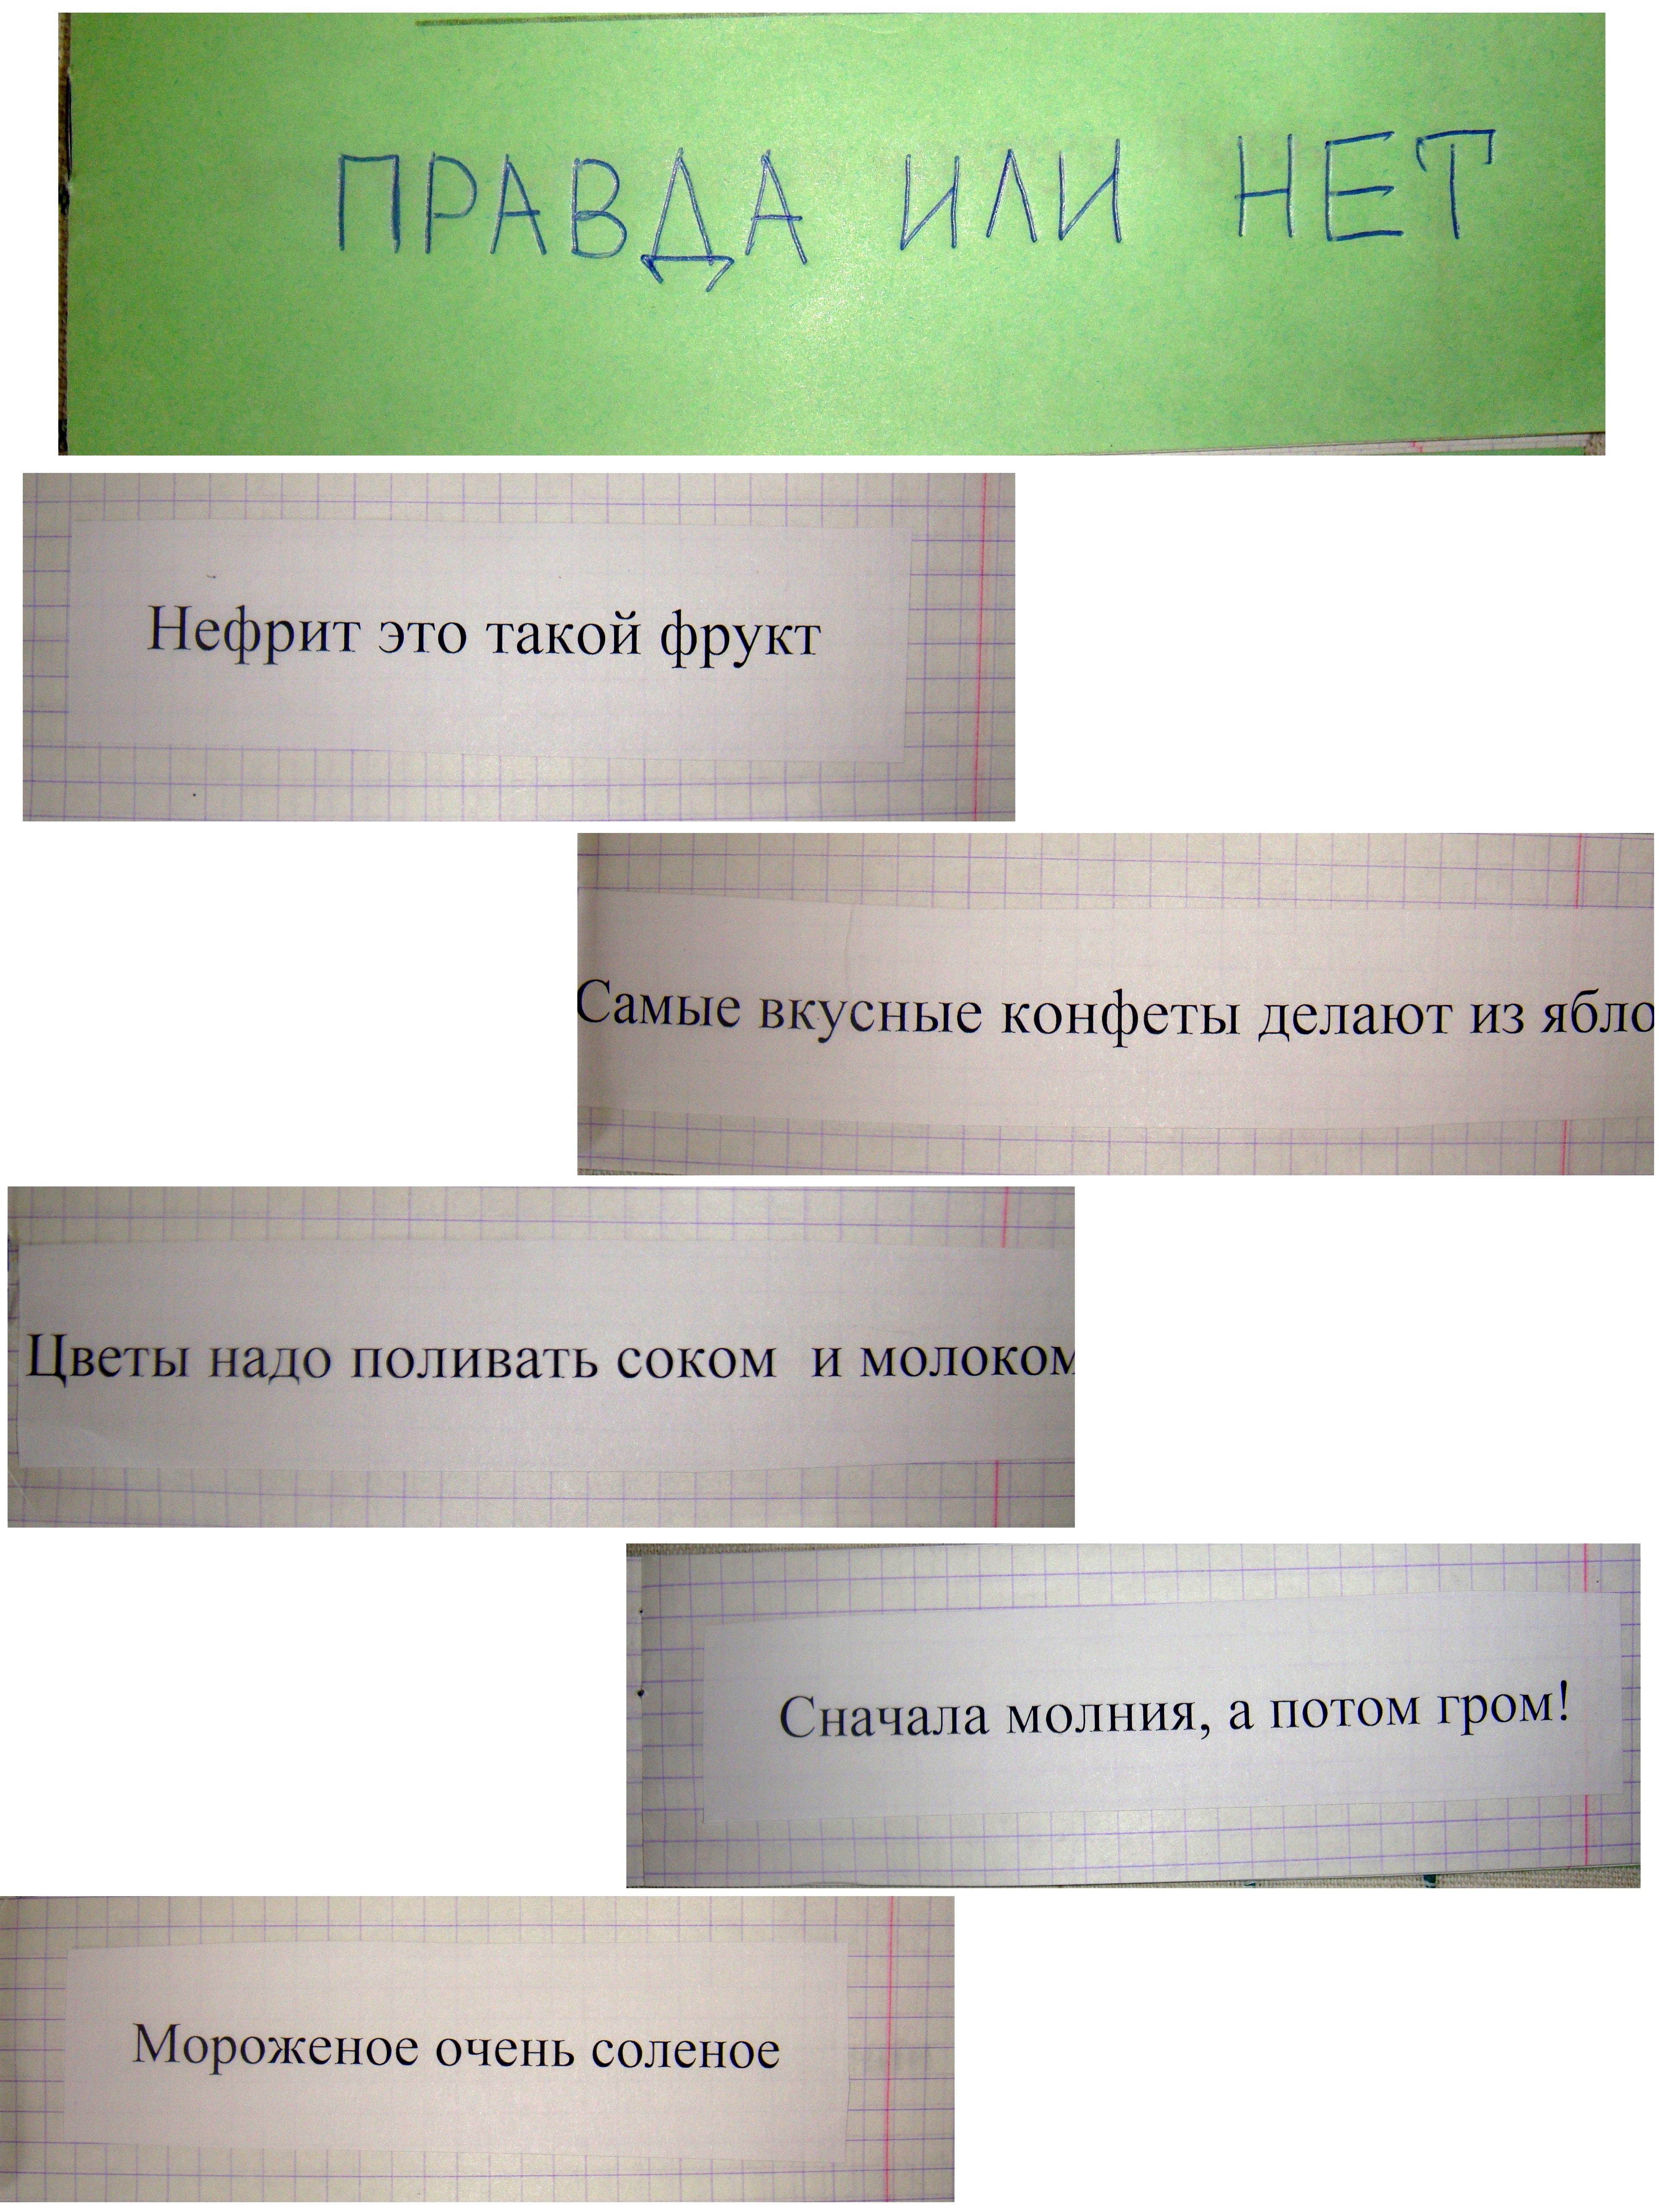 Занятия чтение